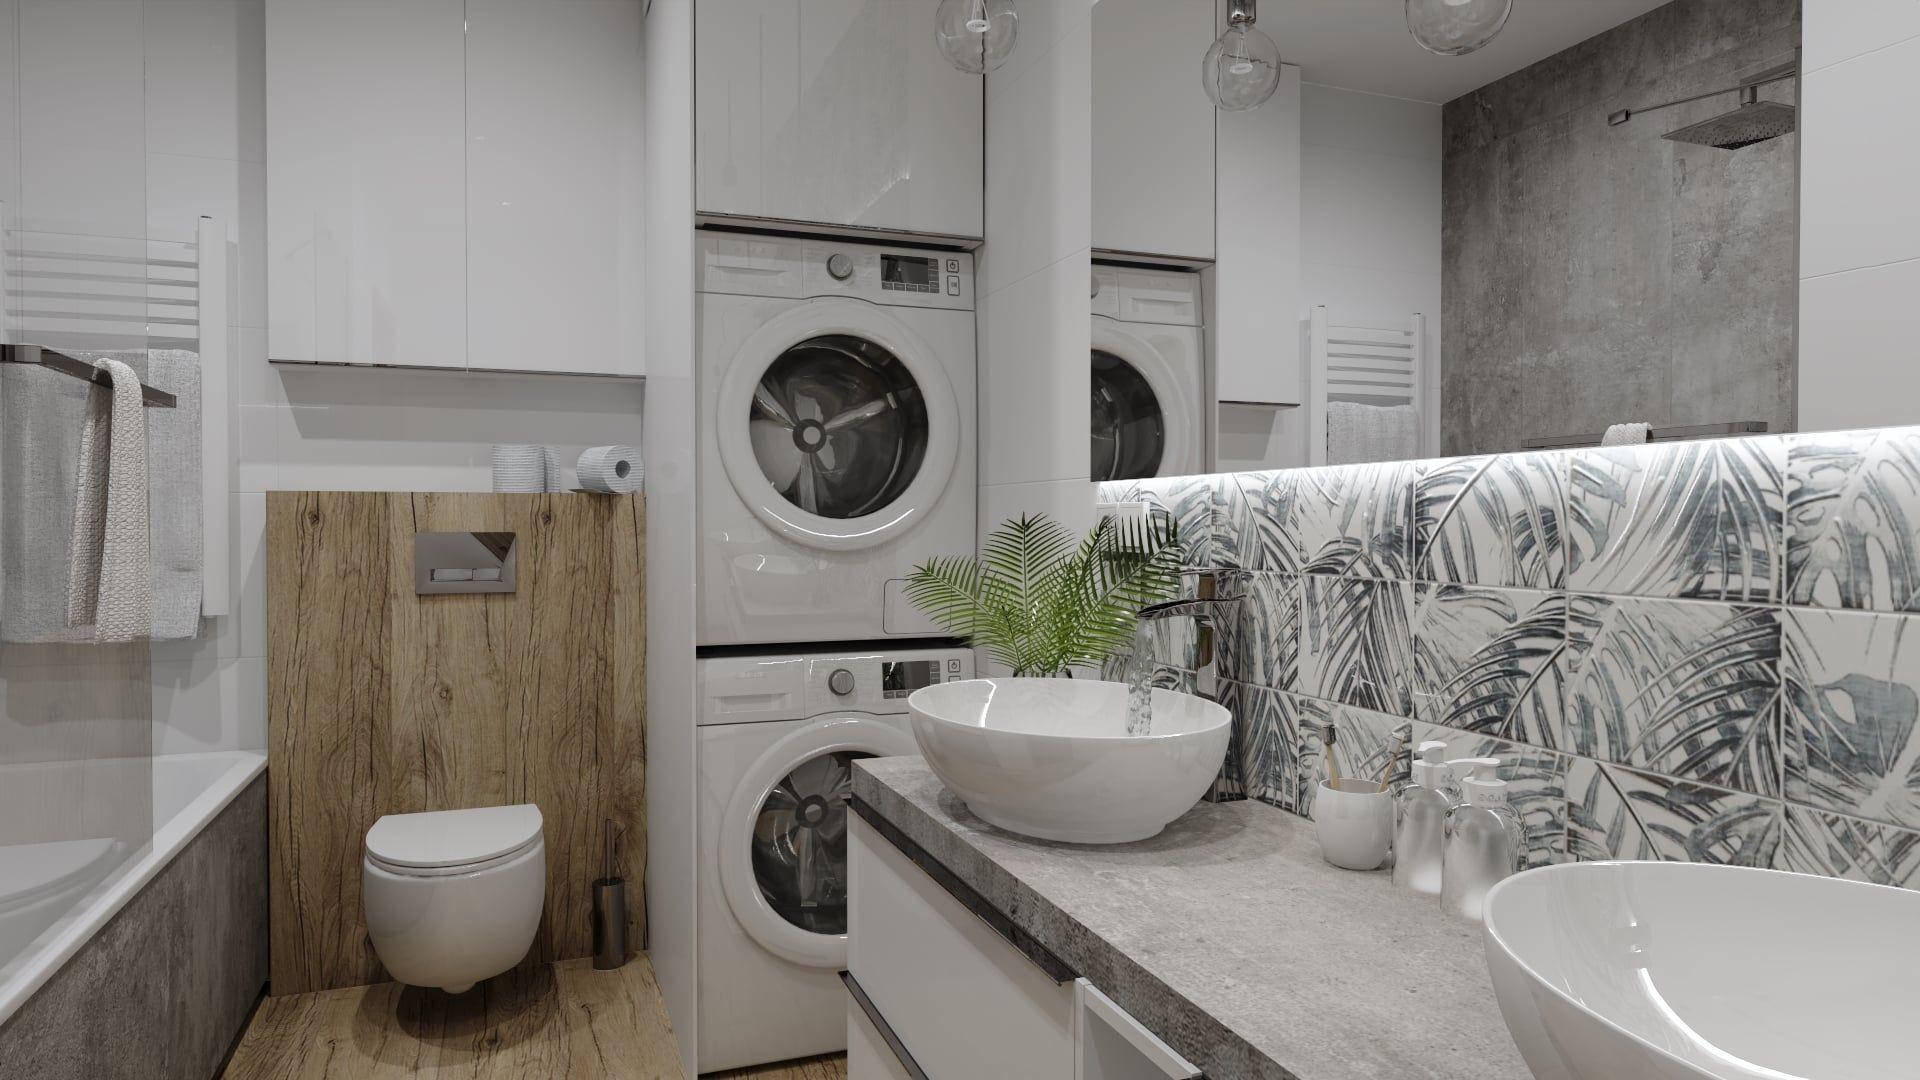 Aranżacja małej łazienki w bloku. Projekt Bart Box. Fot. mat. prasowe Luxrad